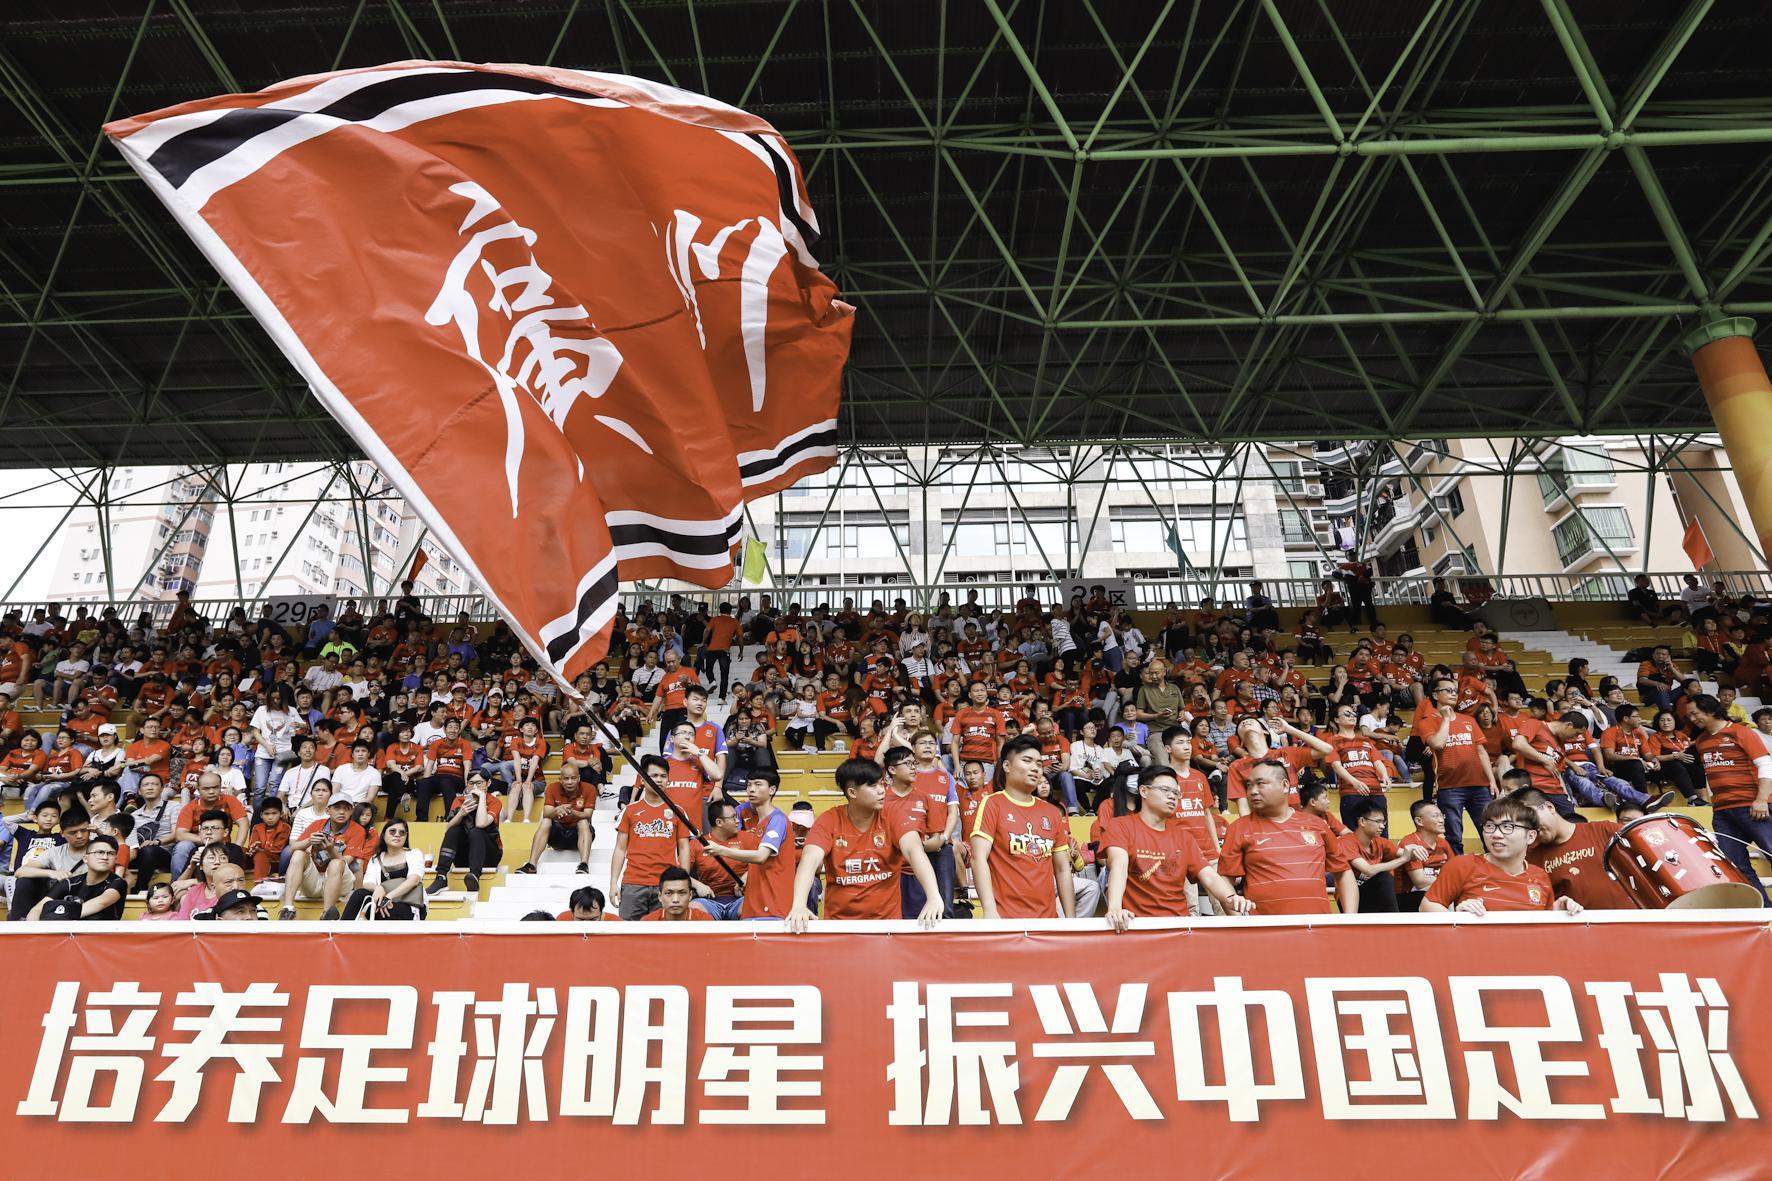 U17冠军杯-恒大青年队0-7瓦伦西亚 华夏1-7巴甲队